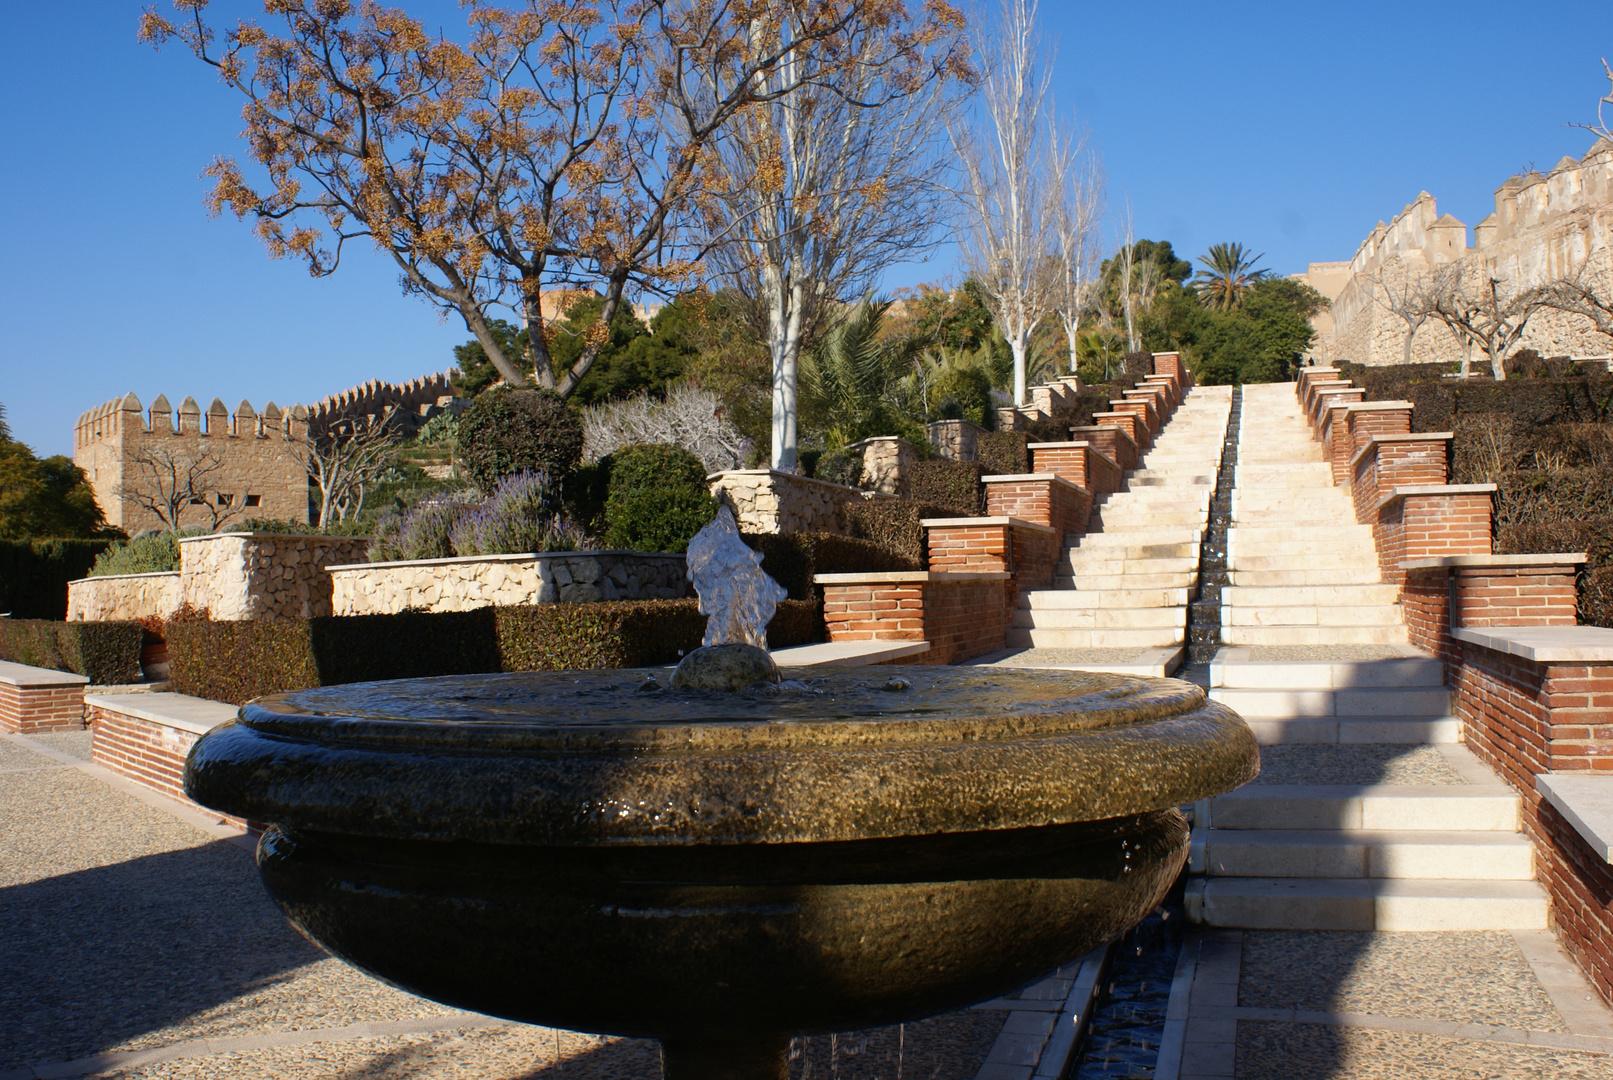 fuente de alcazaba de almeria